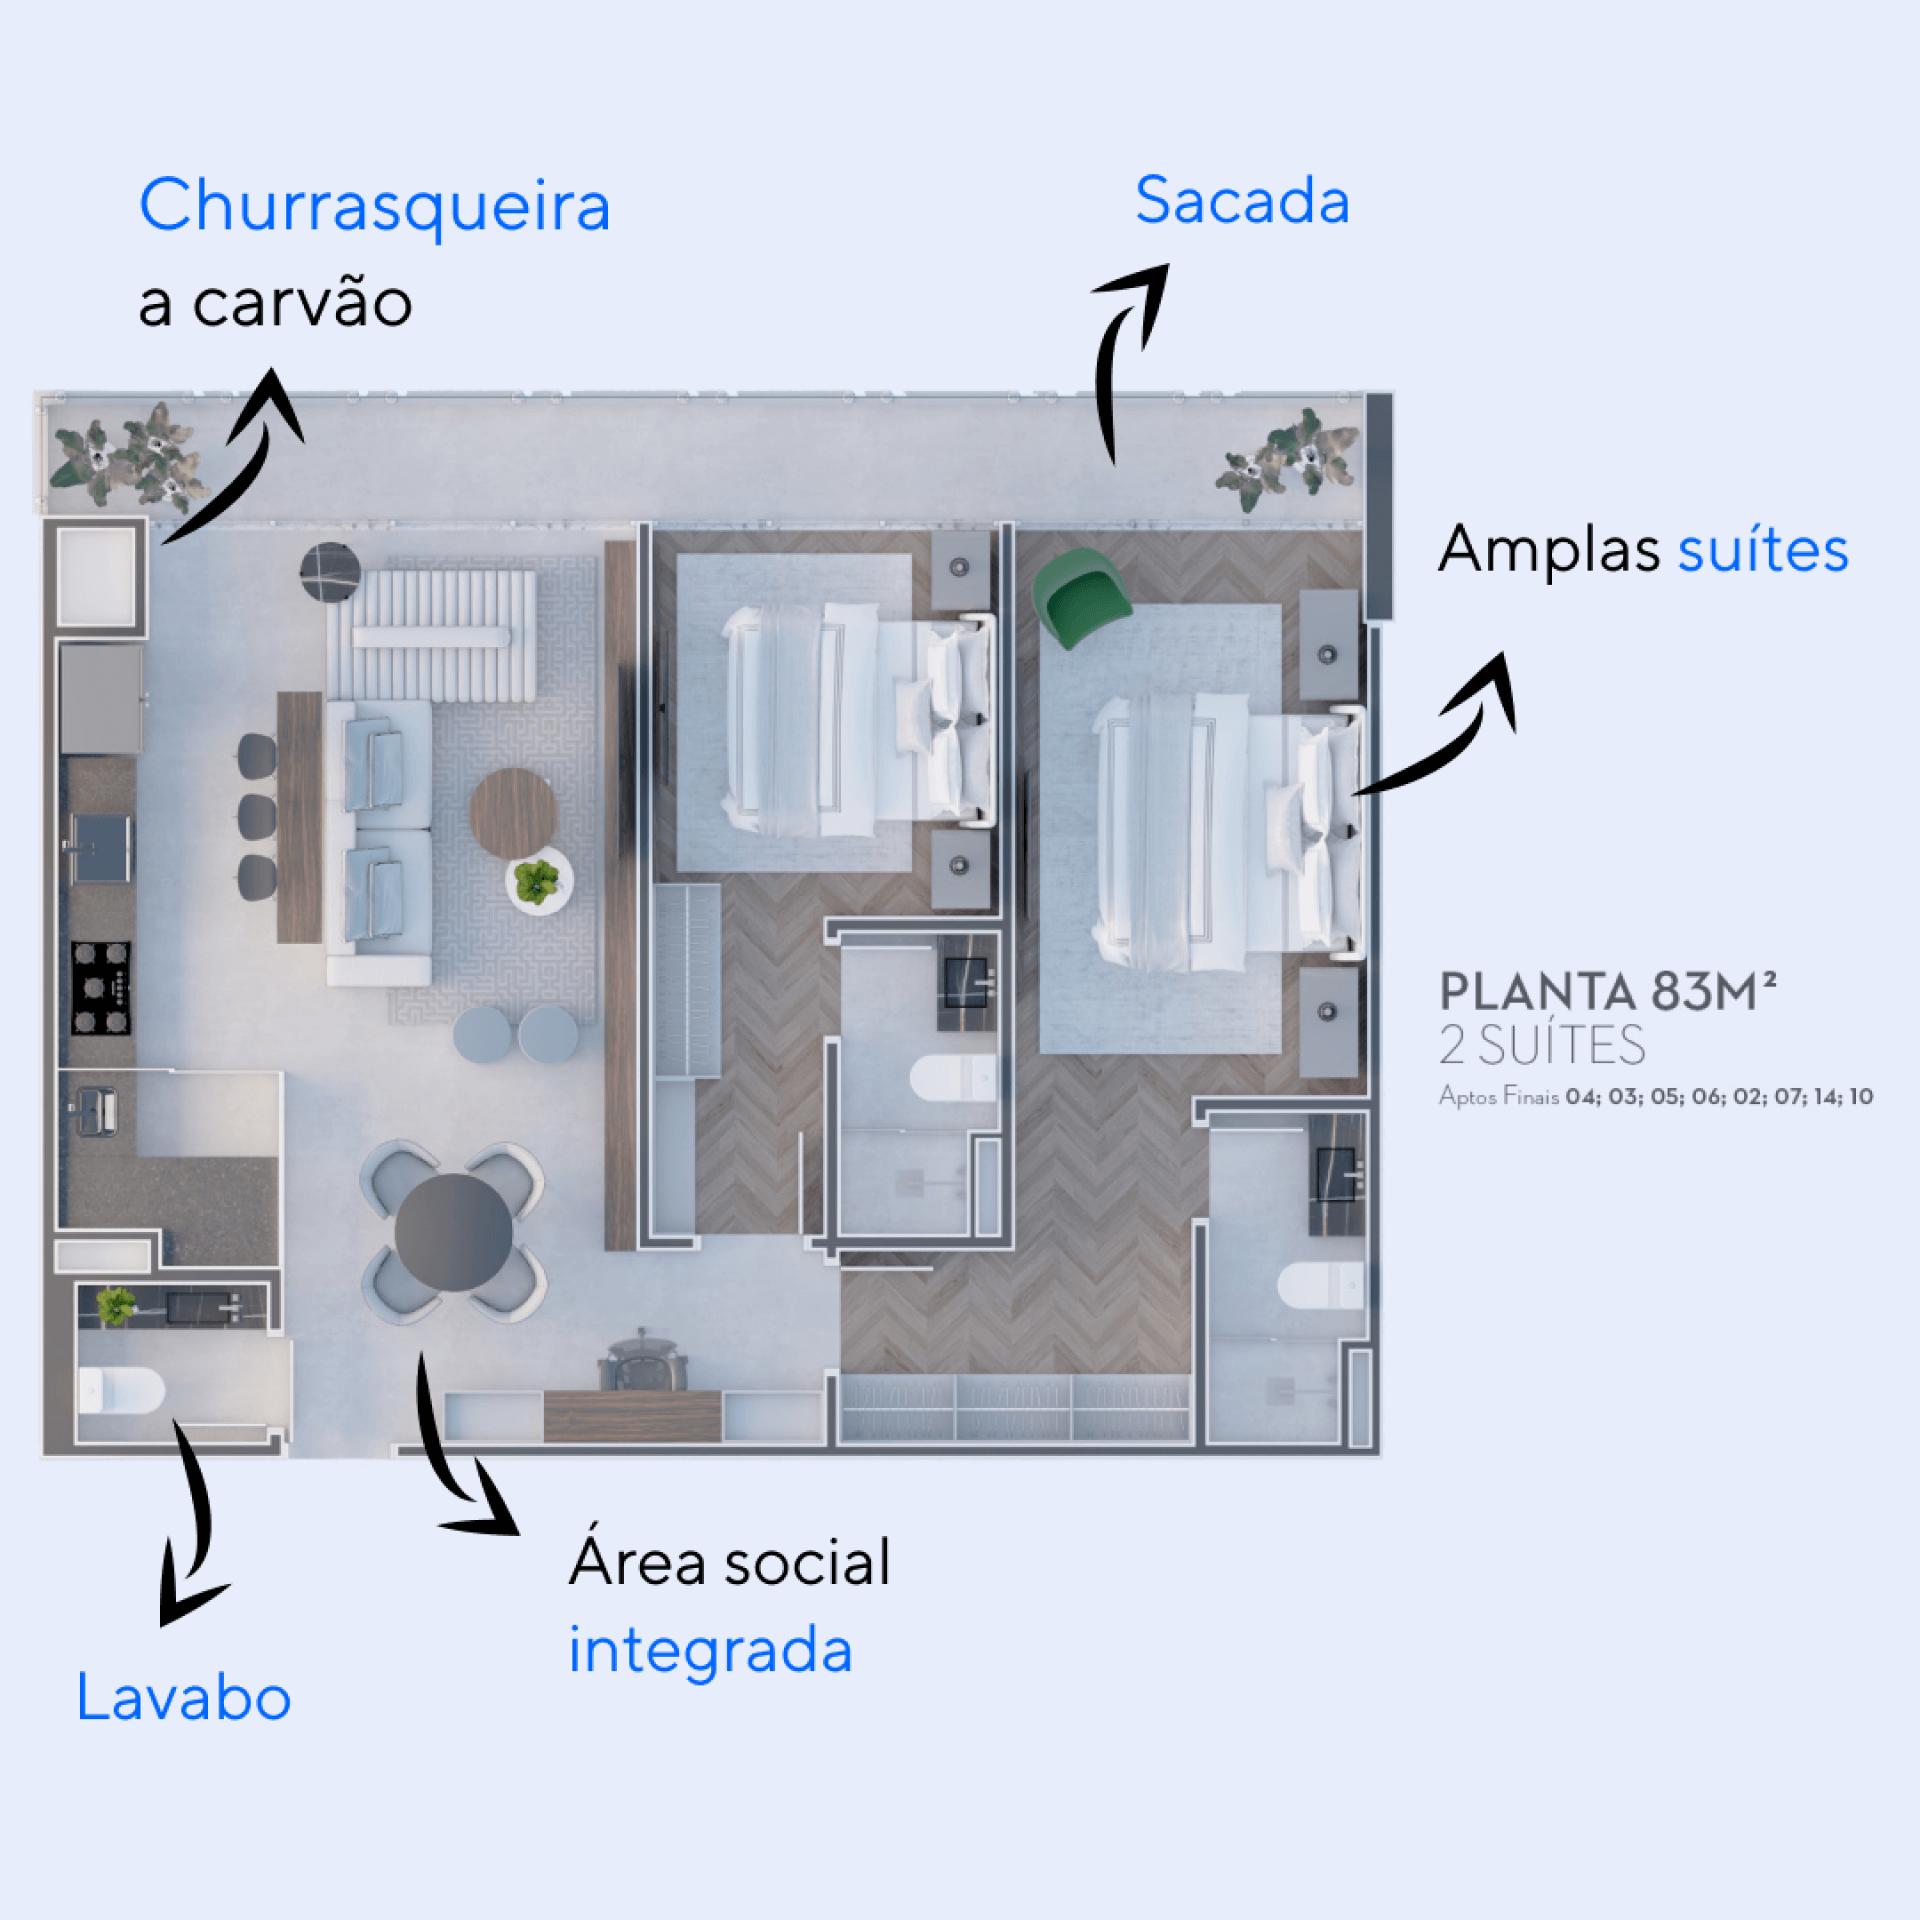 83 M² - 2 SUÍTES. Apartamentos no The Spot One com área social integrada à cozinha e amplas suítes que possuem acesso direto à sacada, proporcionando iluminação natural no interior de toda a residência.